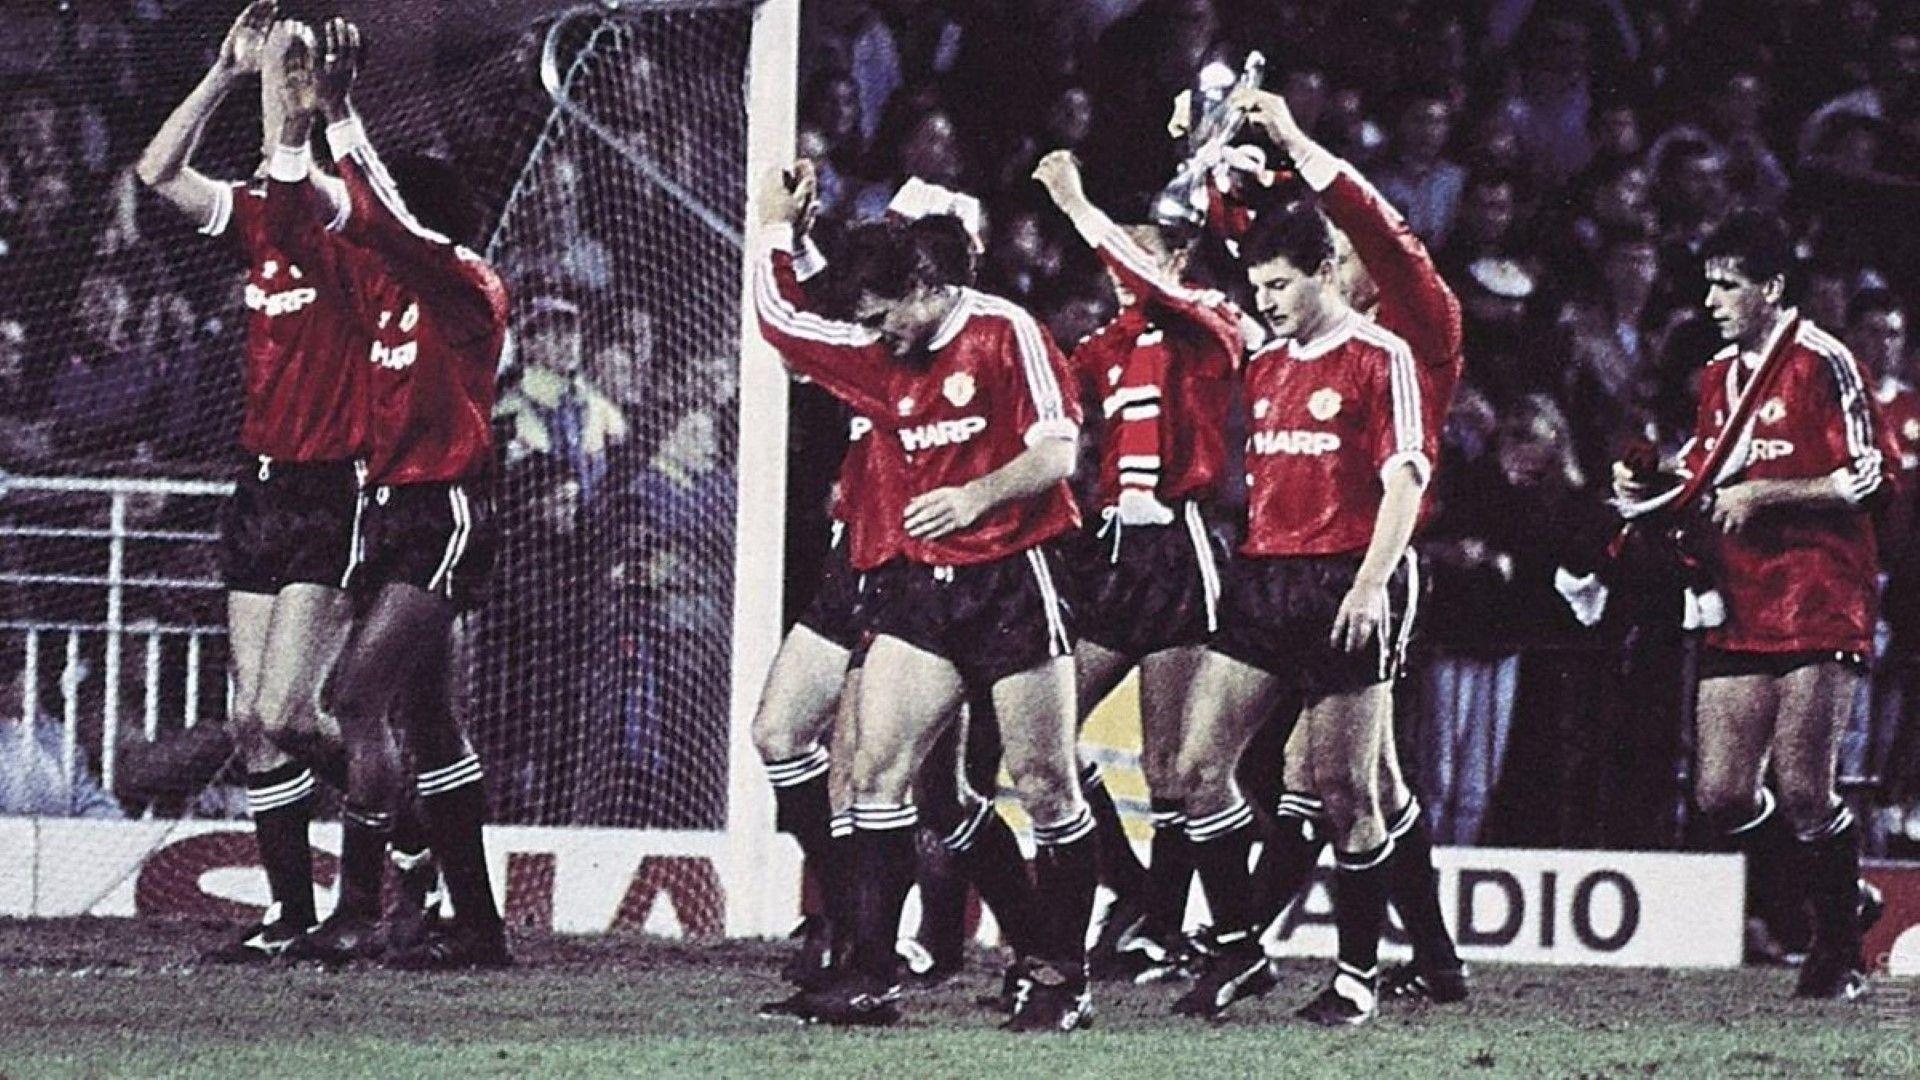 """1991 г. - Финалът, който войната наложи. """"Цървена звезда"""" бе принуден да играе единствен мач на """"Олд Трафорд"""" срещу носителя на КНК """"Манчестър Юнайтед"""", като загуби с 0:1 и сър Алекс Фъргюсън взе третия от 38 трофея с """"червените дяволи""""."""